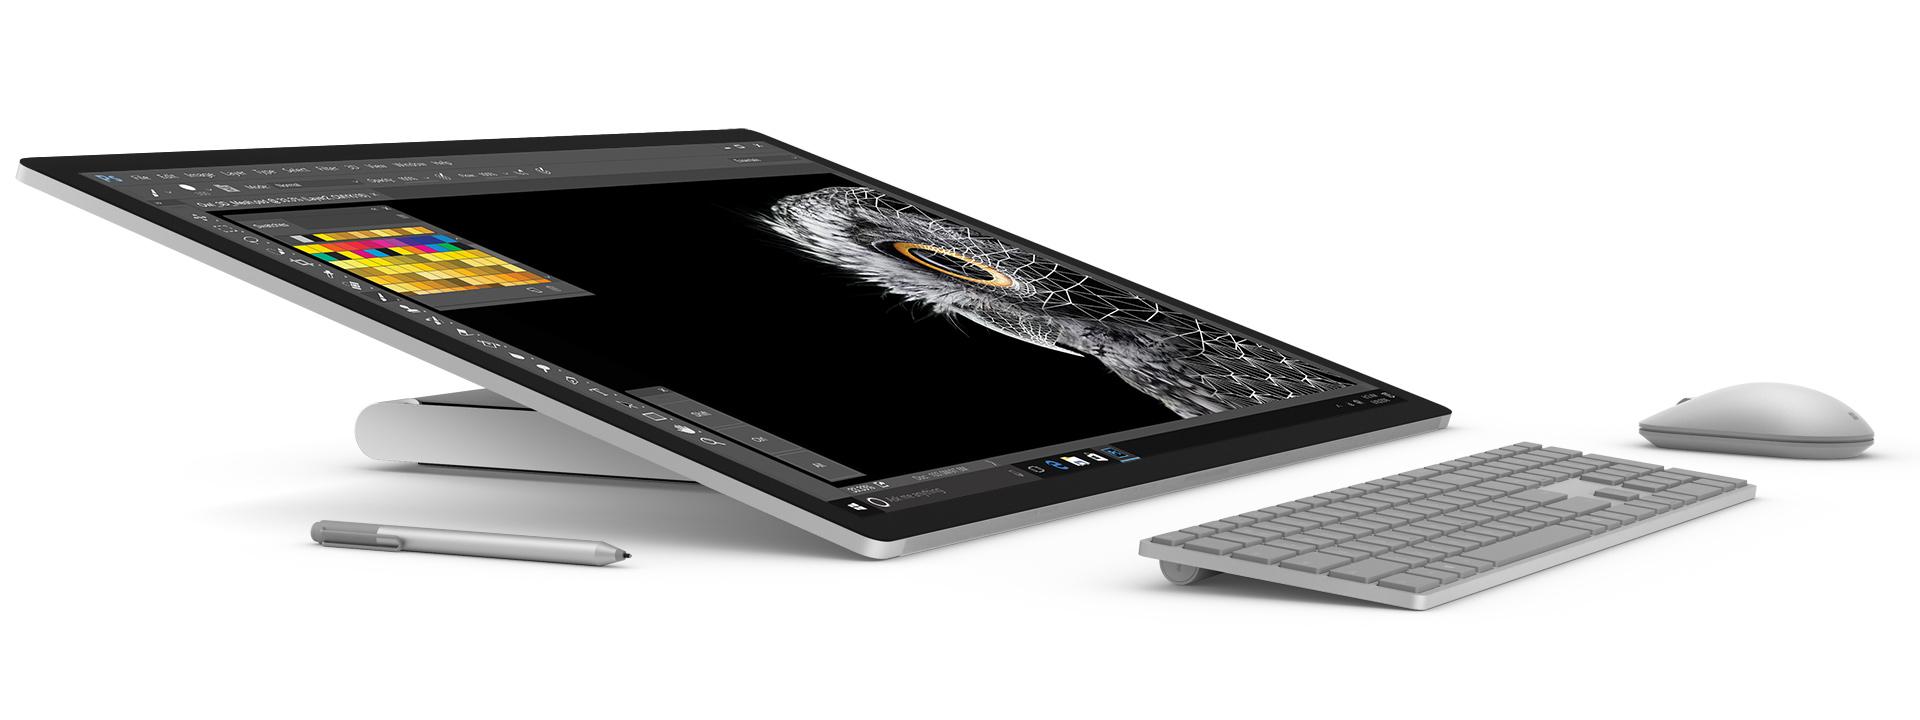 Surface Studio vänd åt höger i nedfällt studioläge med Surface-penna, Surface Keyboard och Surface Mouse framför sig.